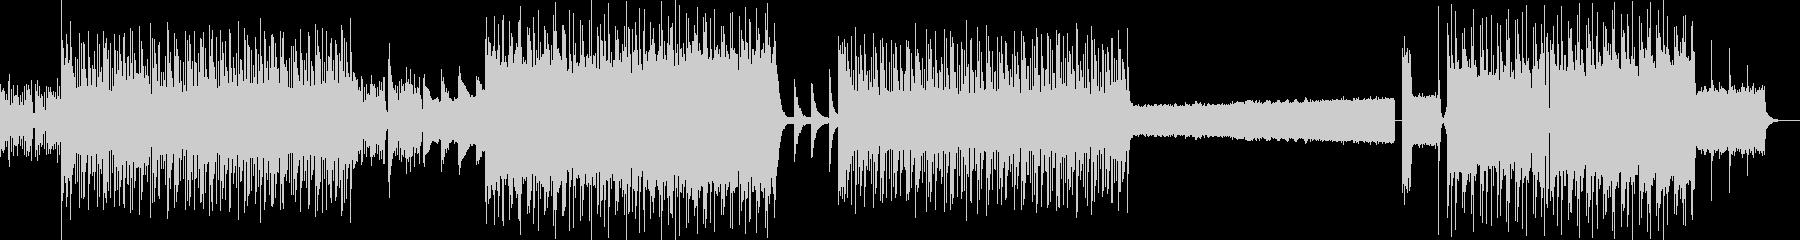 センチメンタルR&B/FuturePopの未再生の波形